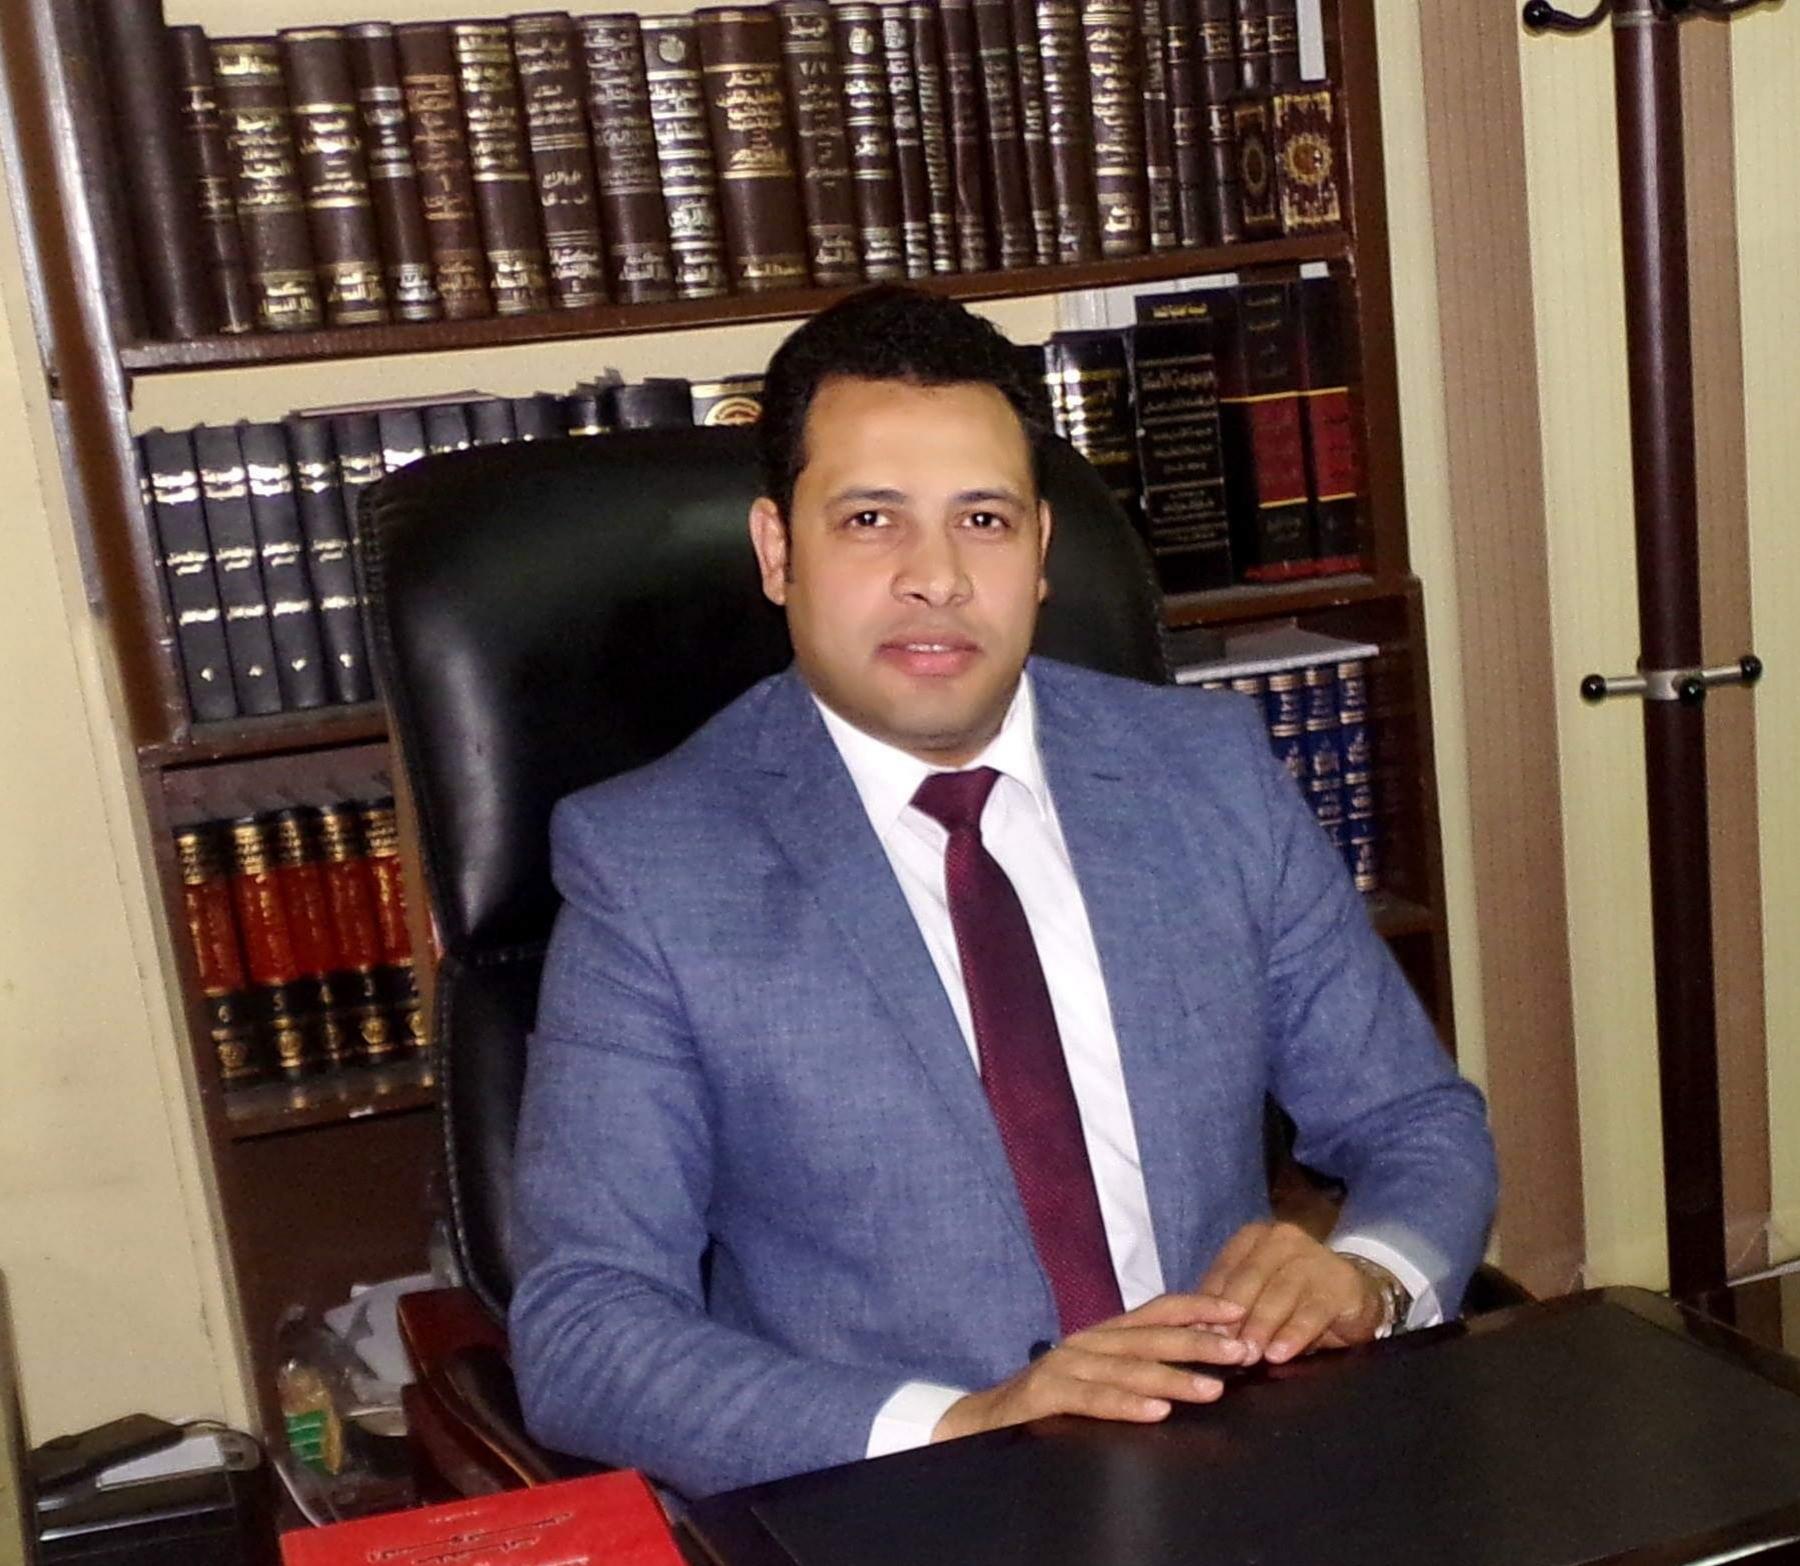 المستشار ياسين عبدالمنعم يكتب: غلبتني قناعتي القانونية على قناعتي السياسية